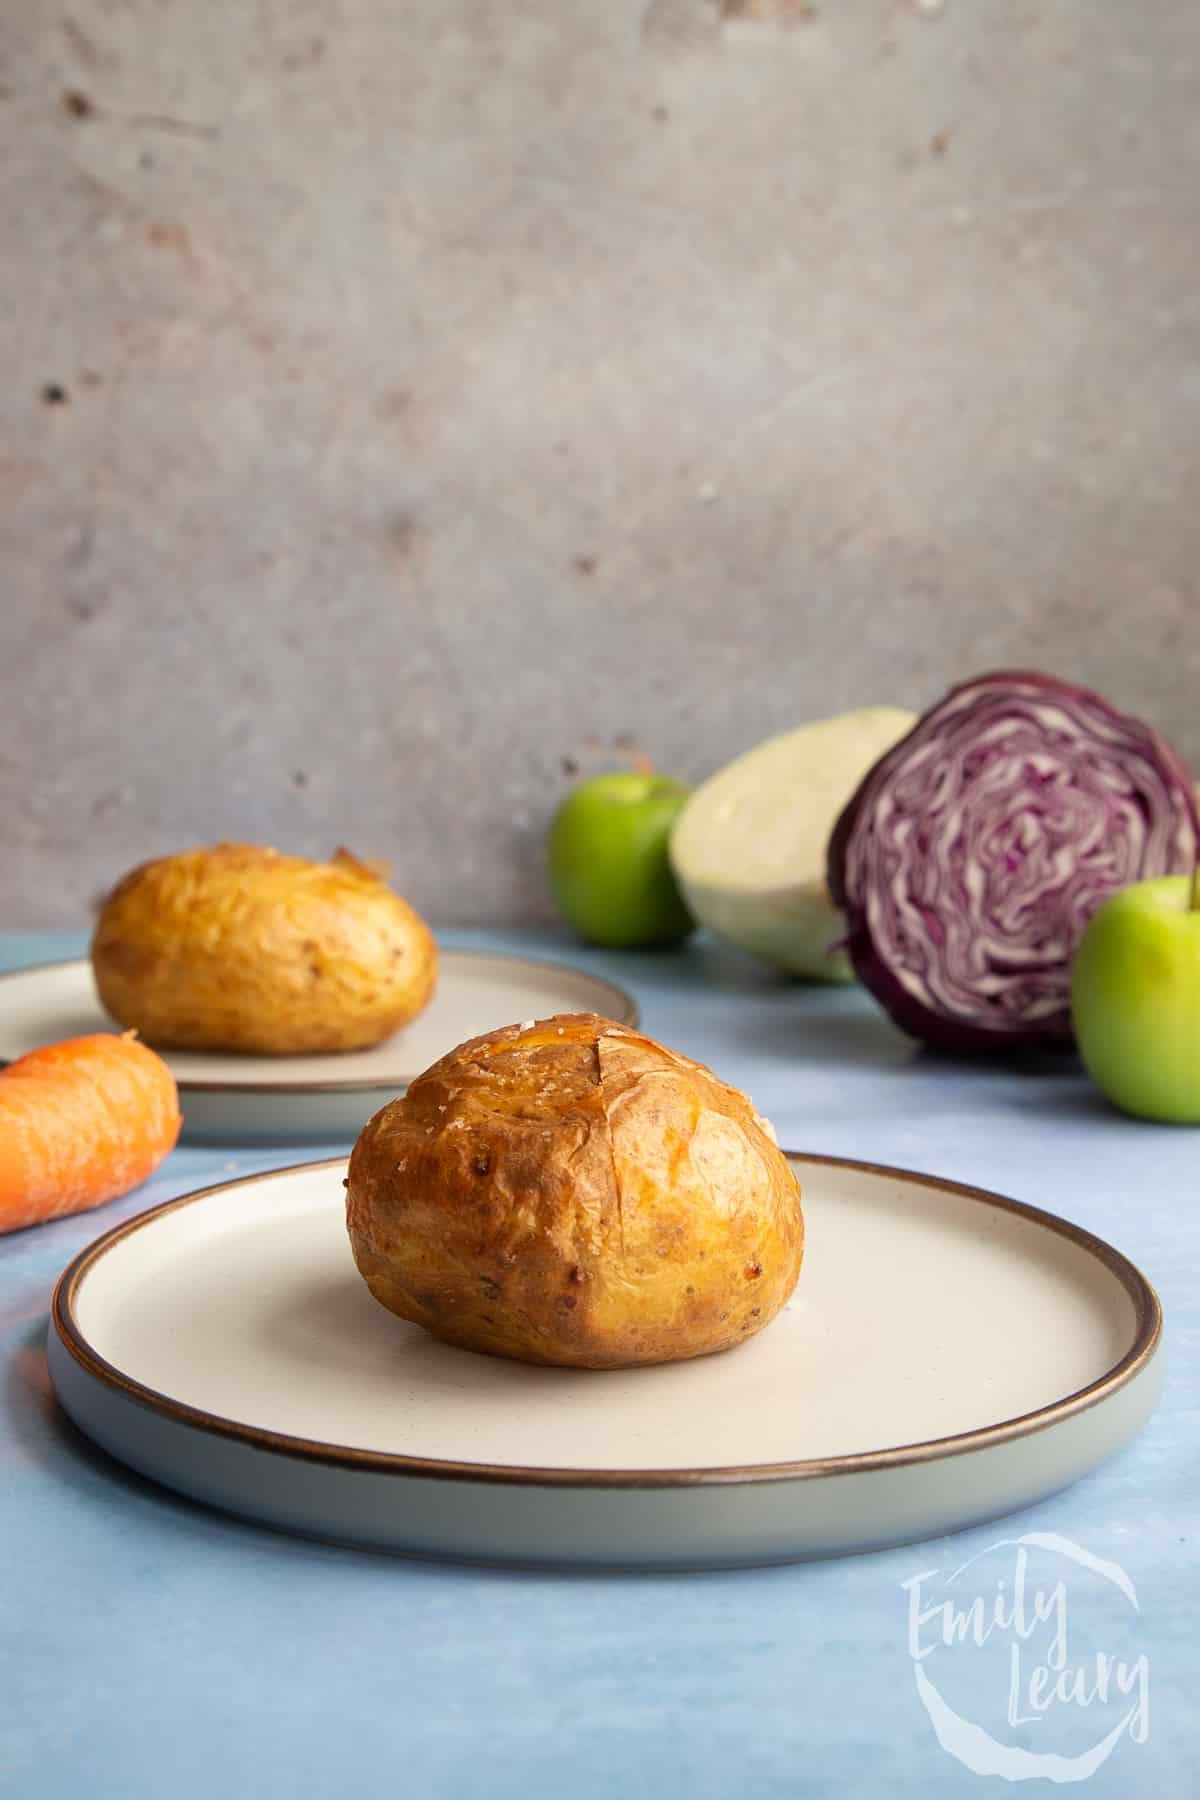 Baked potato on a plate.